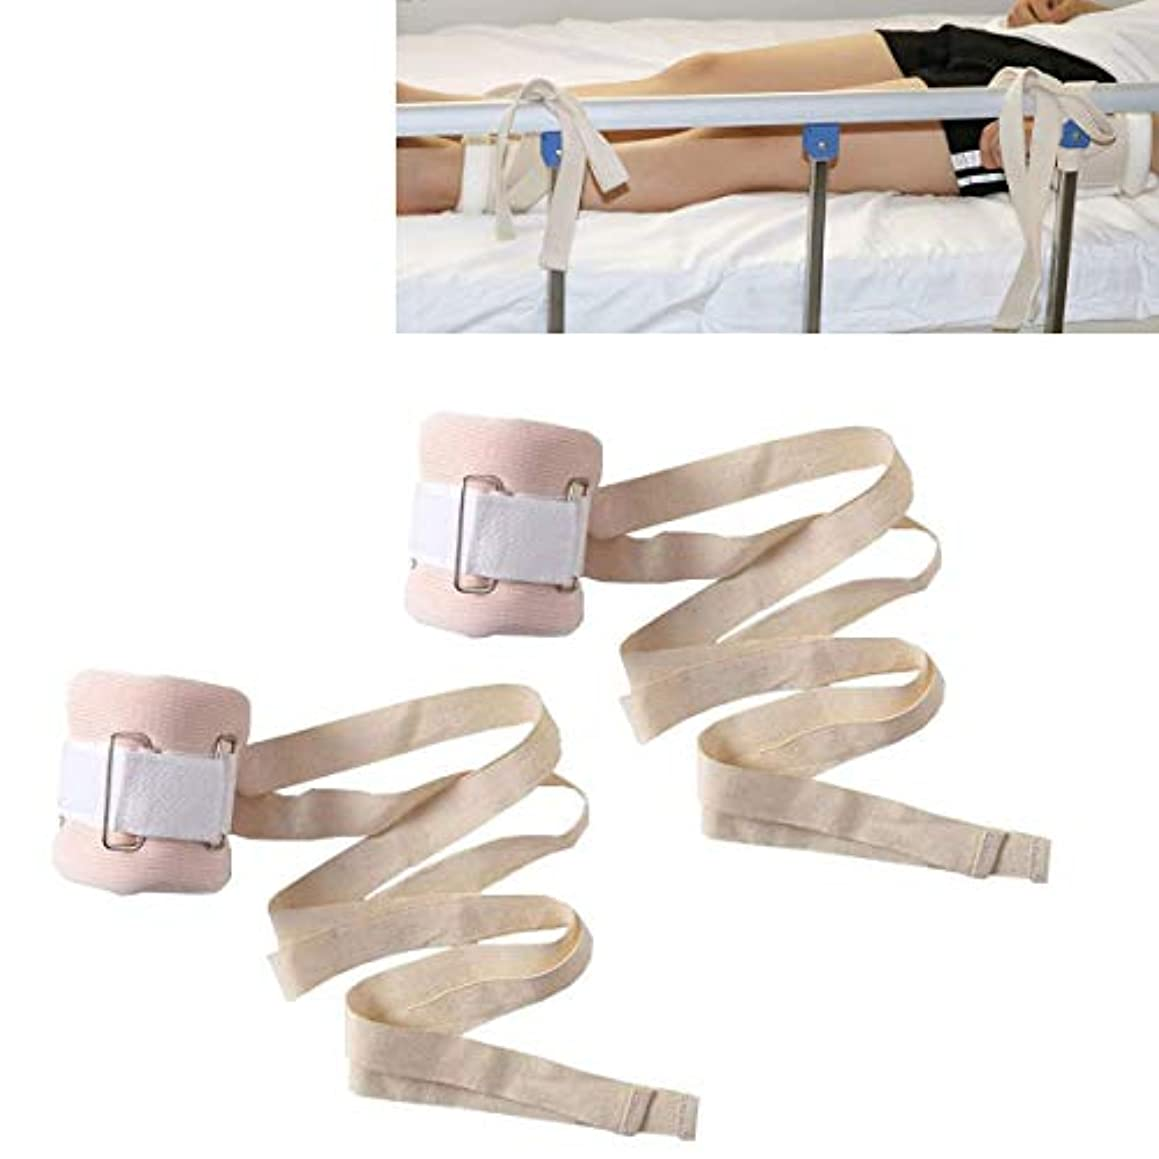 最近同意する剥ぎ取るフォームリムホルダー - 2個医療用拘束患者上肢または下肢ホルダー - 手足用クイックリリースリムホルダー